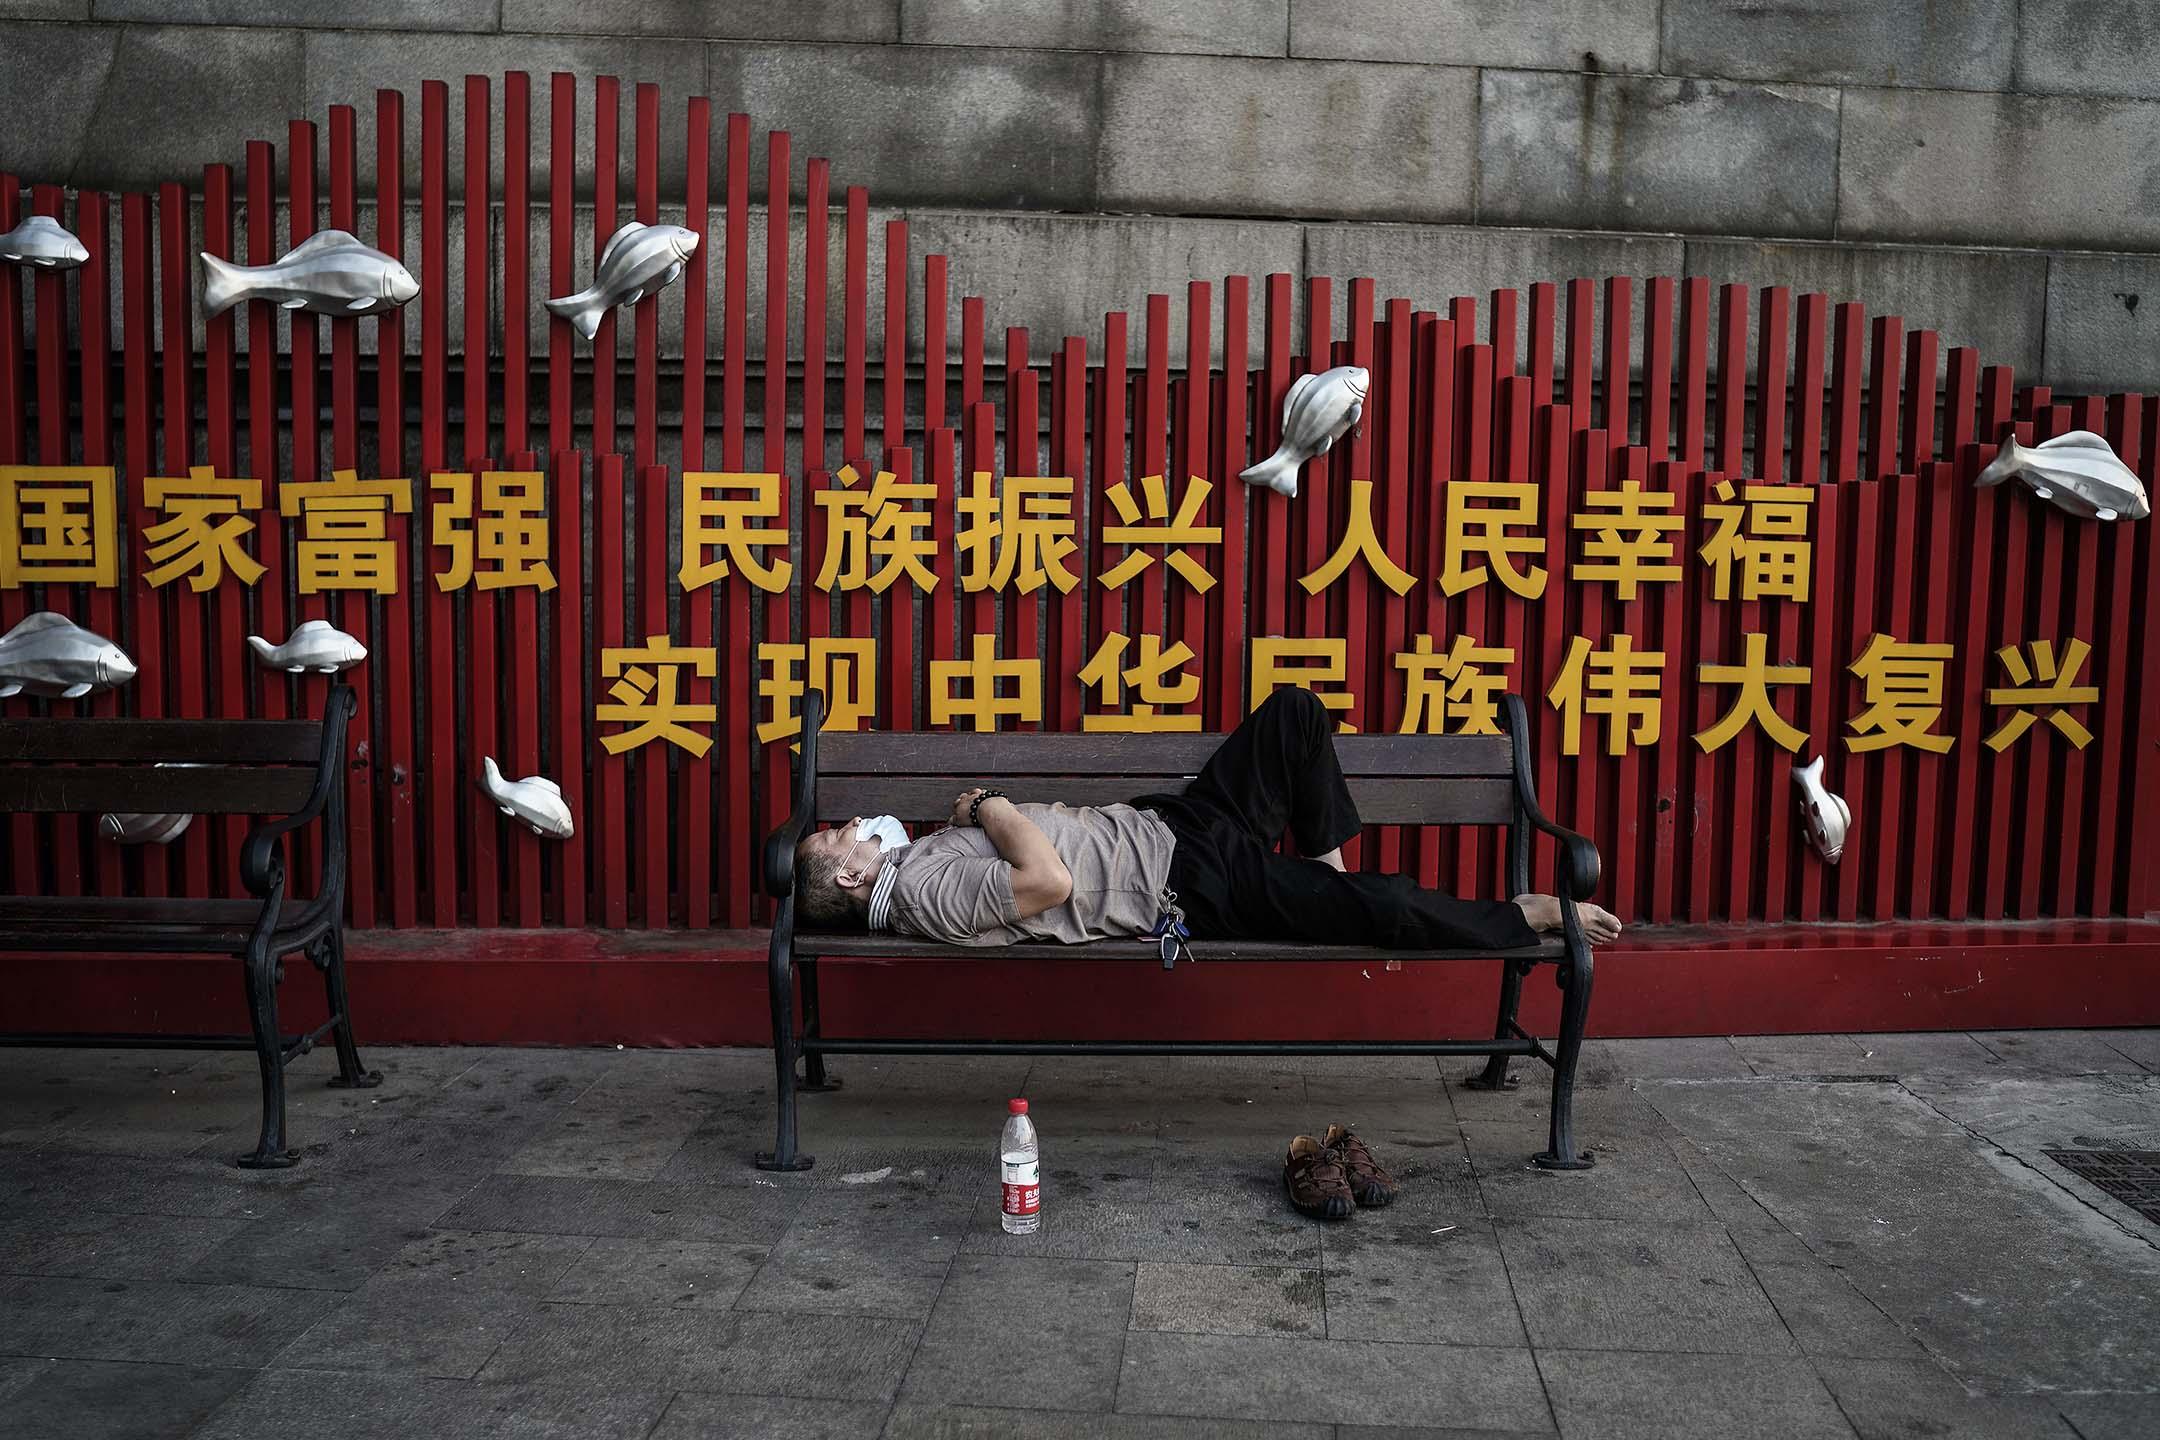 2020年9月2日中國武漢,一名居民睡在街上的長凳上。